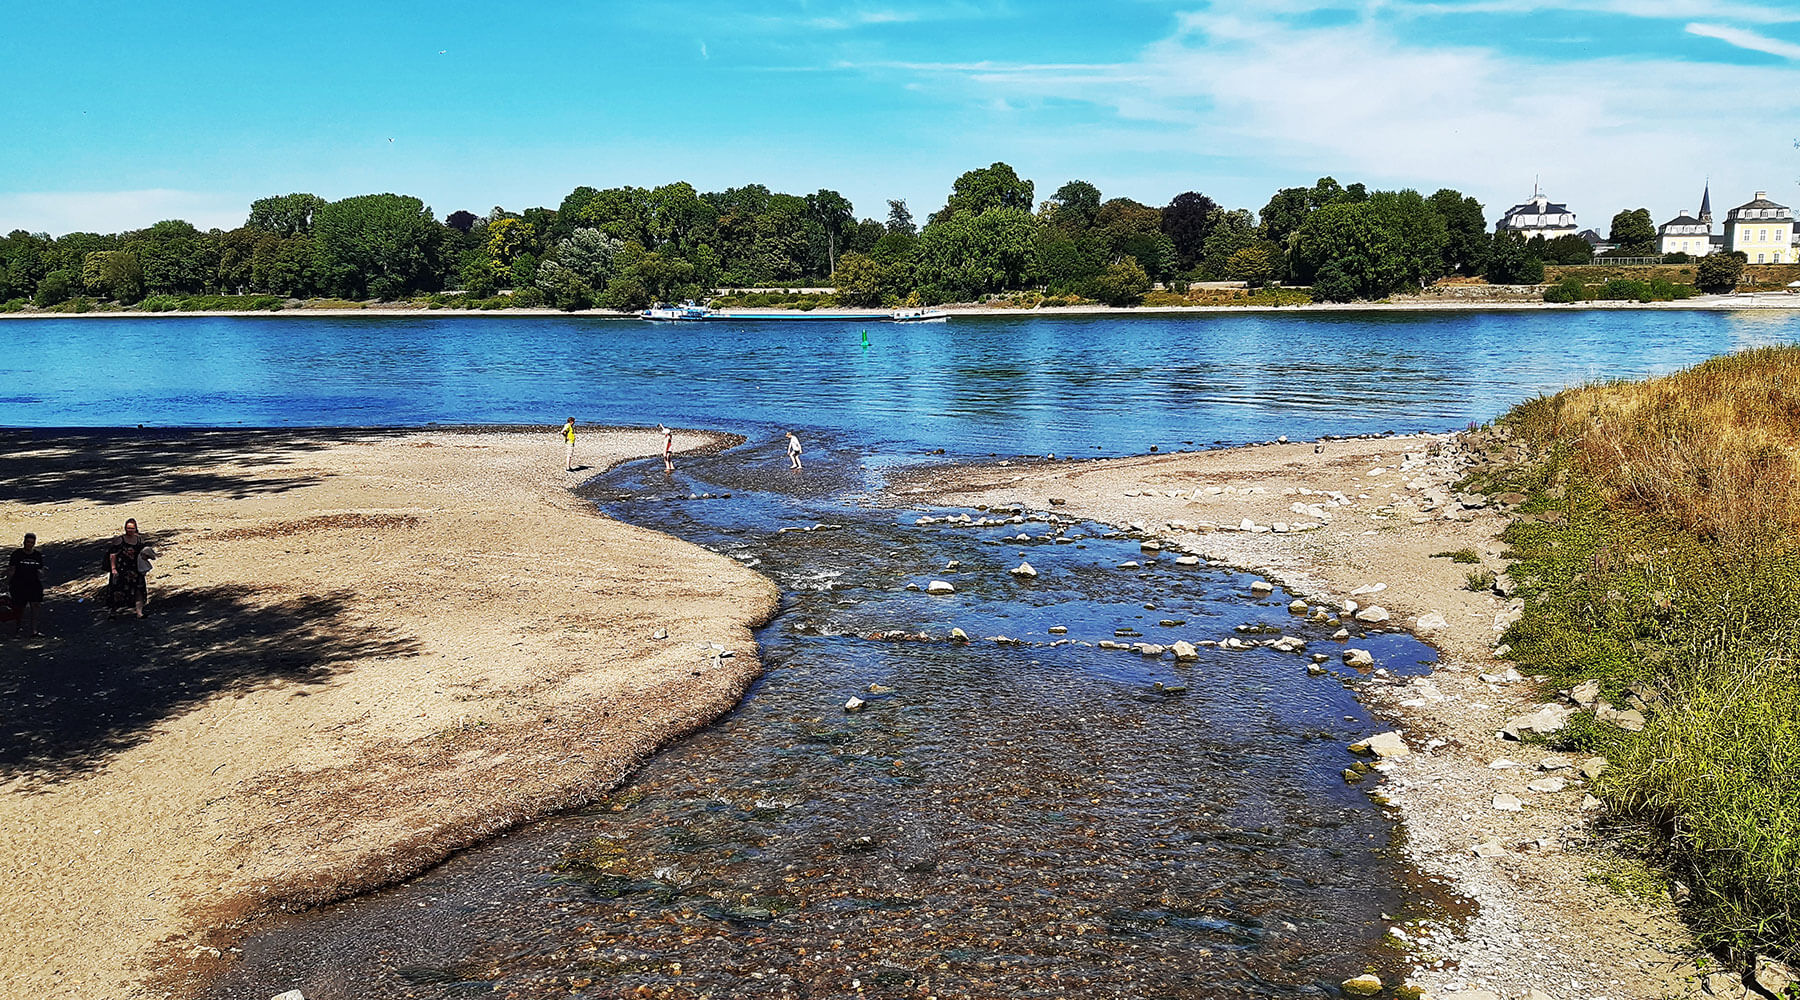 Bachlauf mündet in einem Fluss